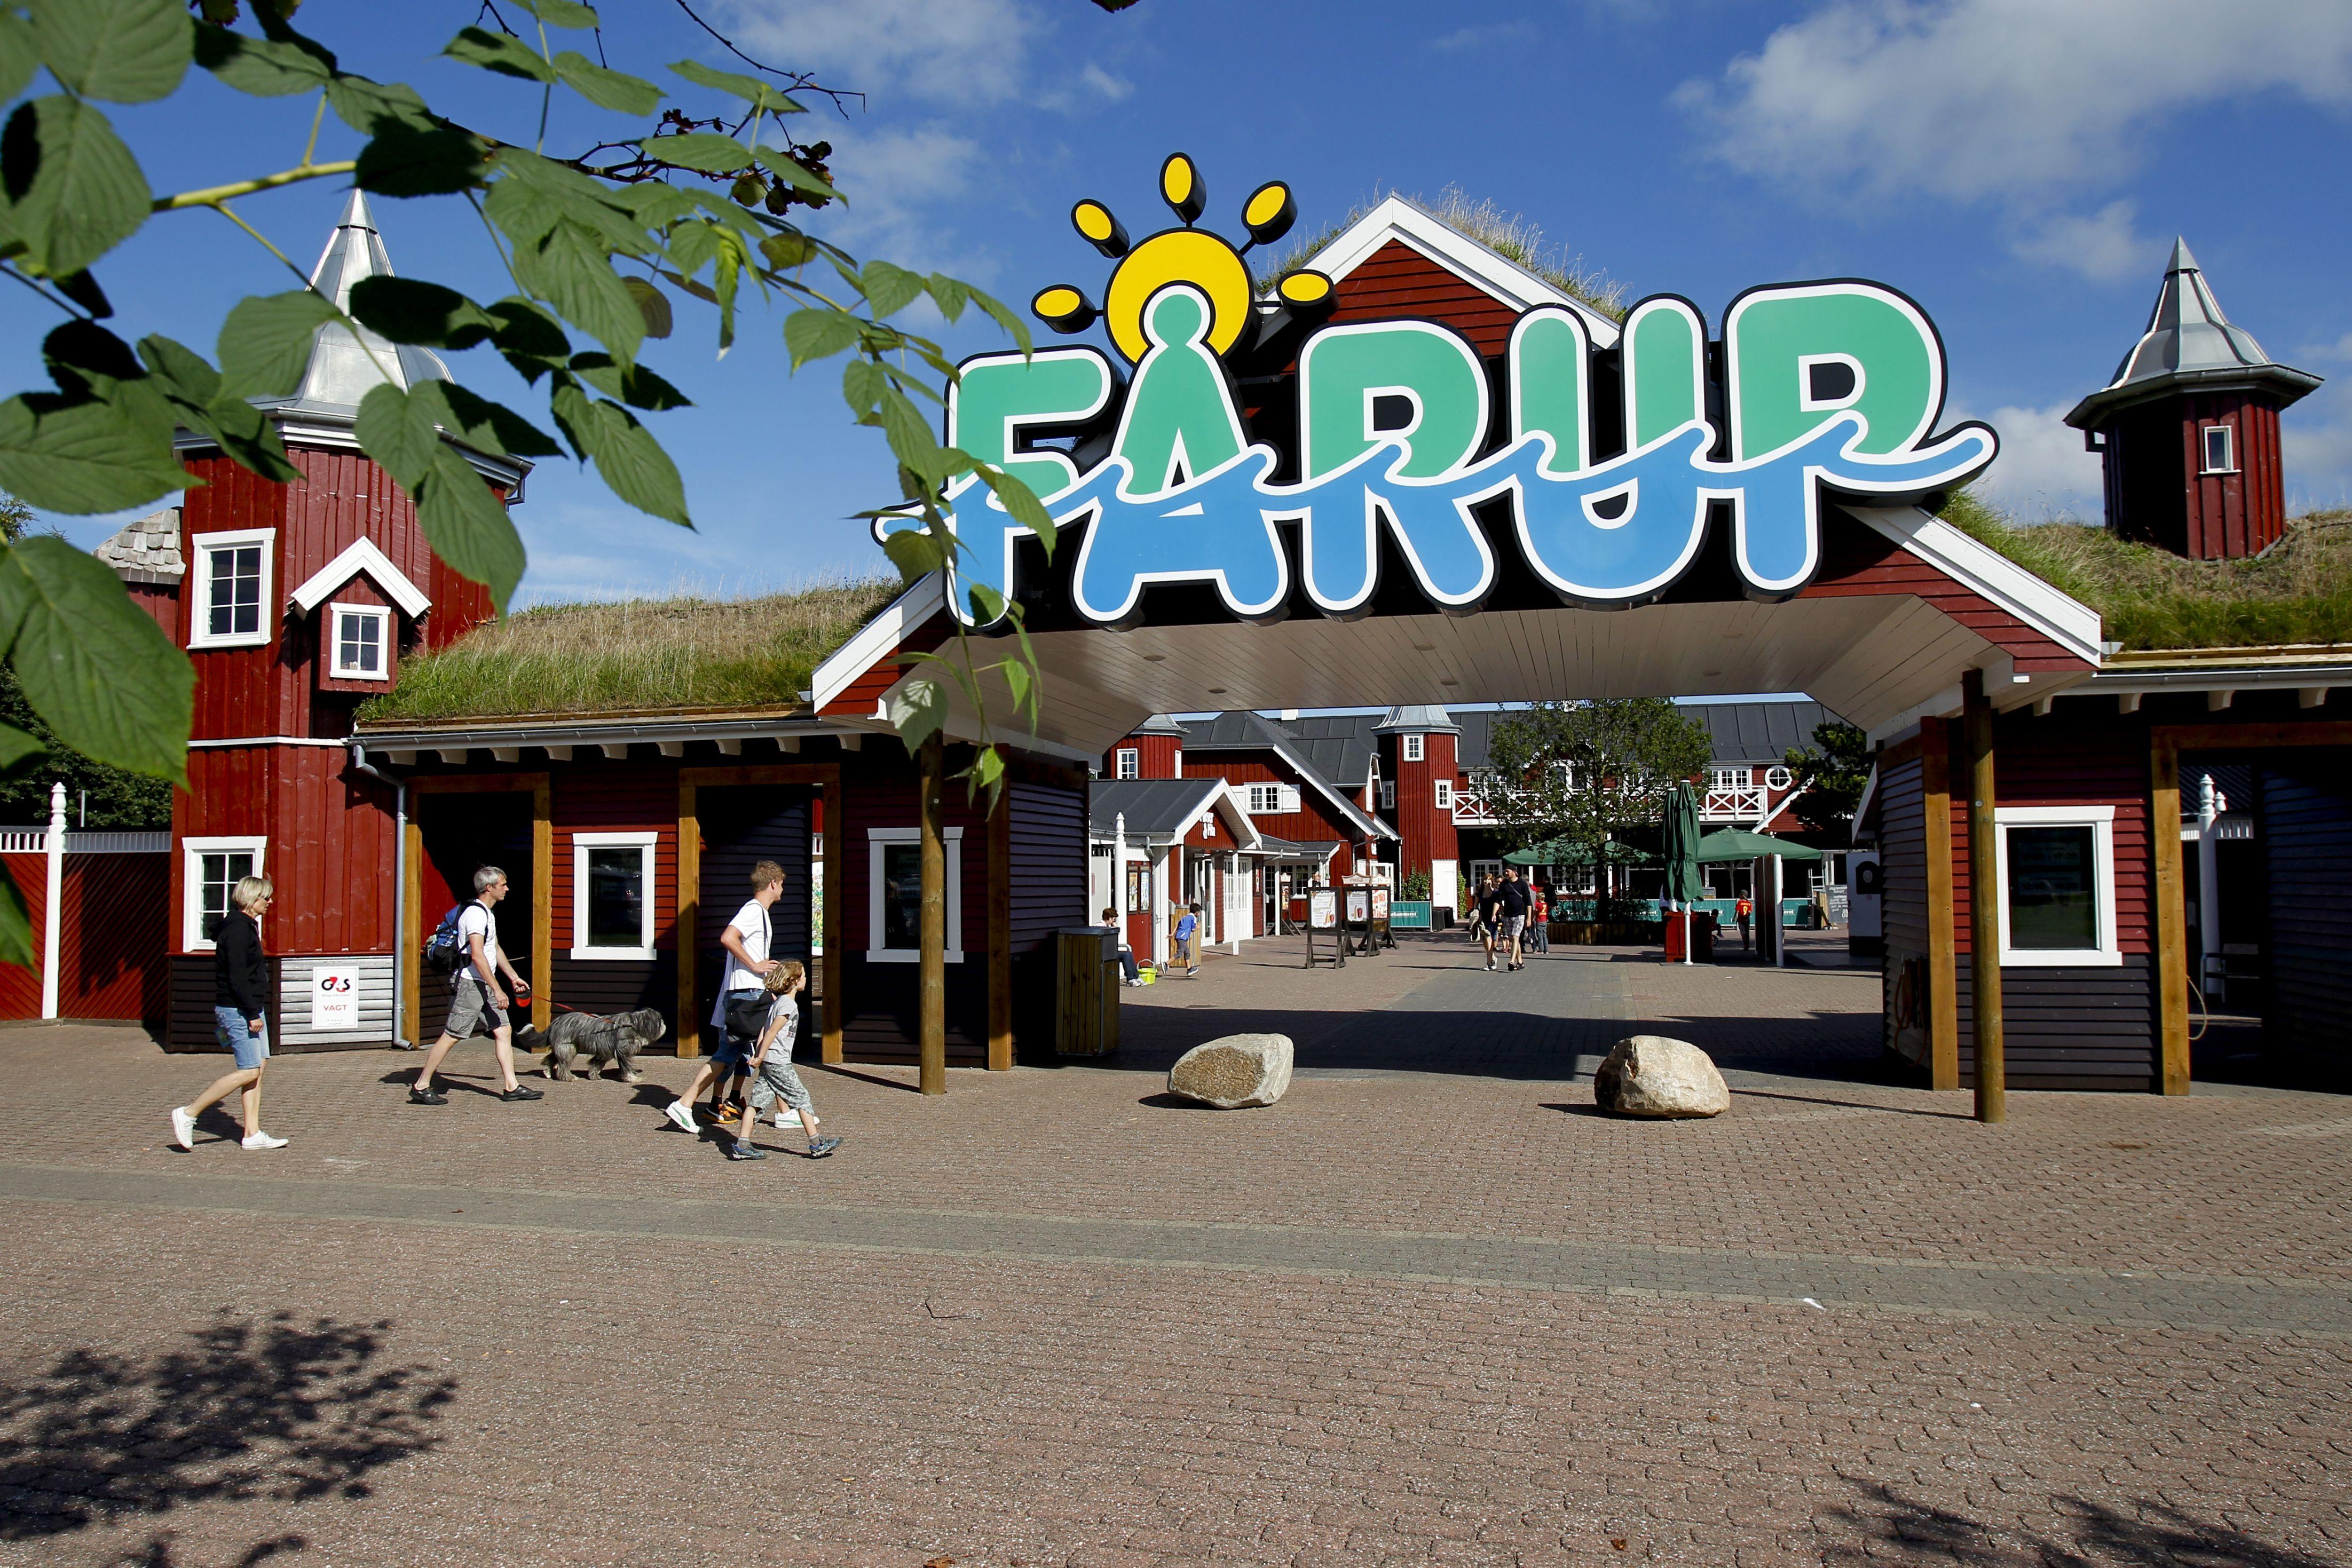 Fårup Sommerland er klar med sin nye app. Forlystelsesparken har fire år i træk været i Top 3 blandt Europas bedste forlystelsesparker med op til én million besøgende. Arkivpressefoto fra Fårup Sommerland.